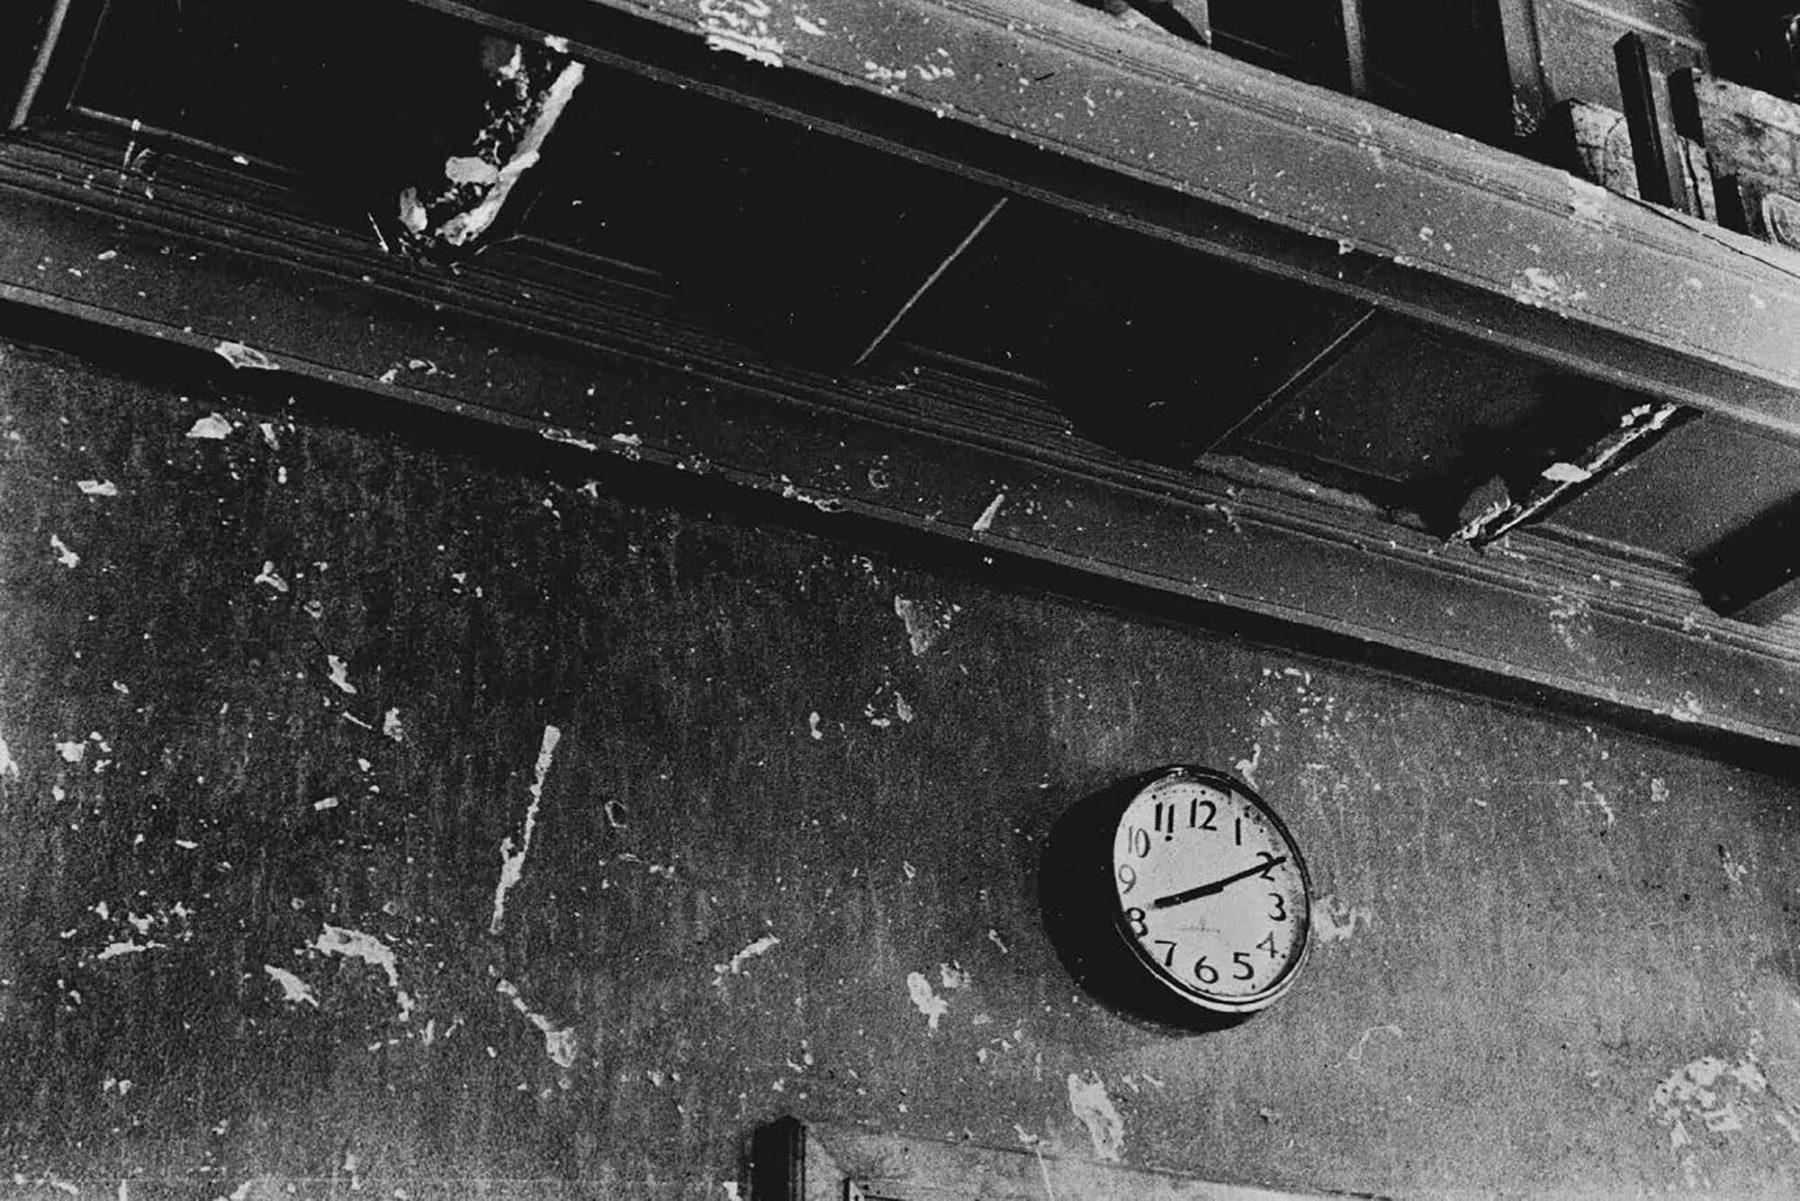 Часы в Хиросиме остановились в 8:10. Это предположительное время детонации «Малыша».